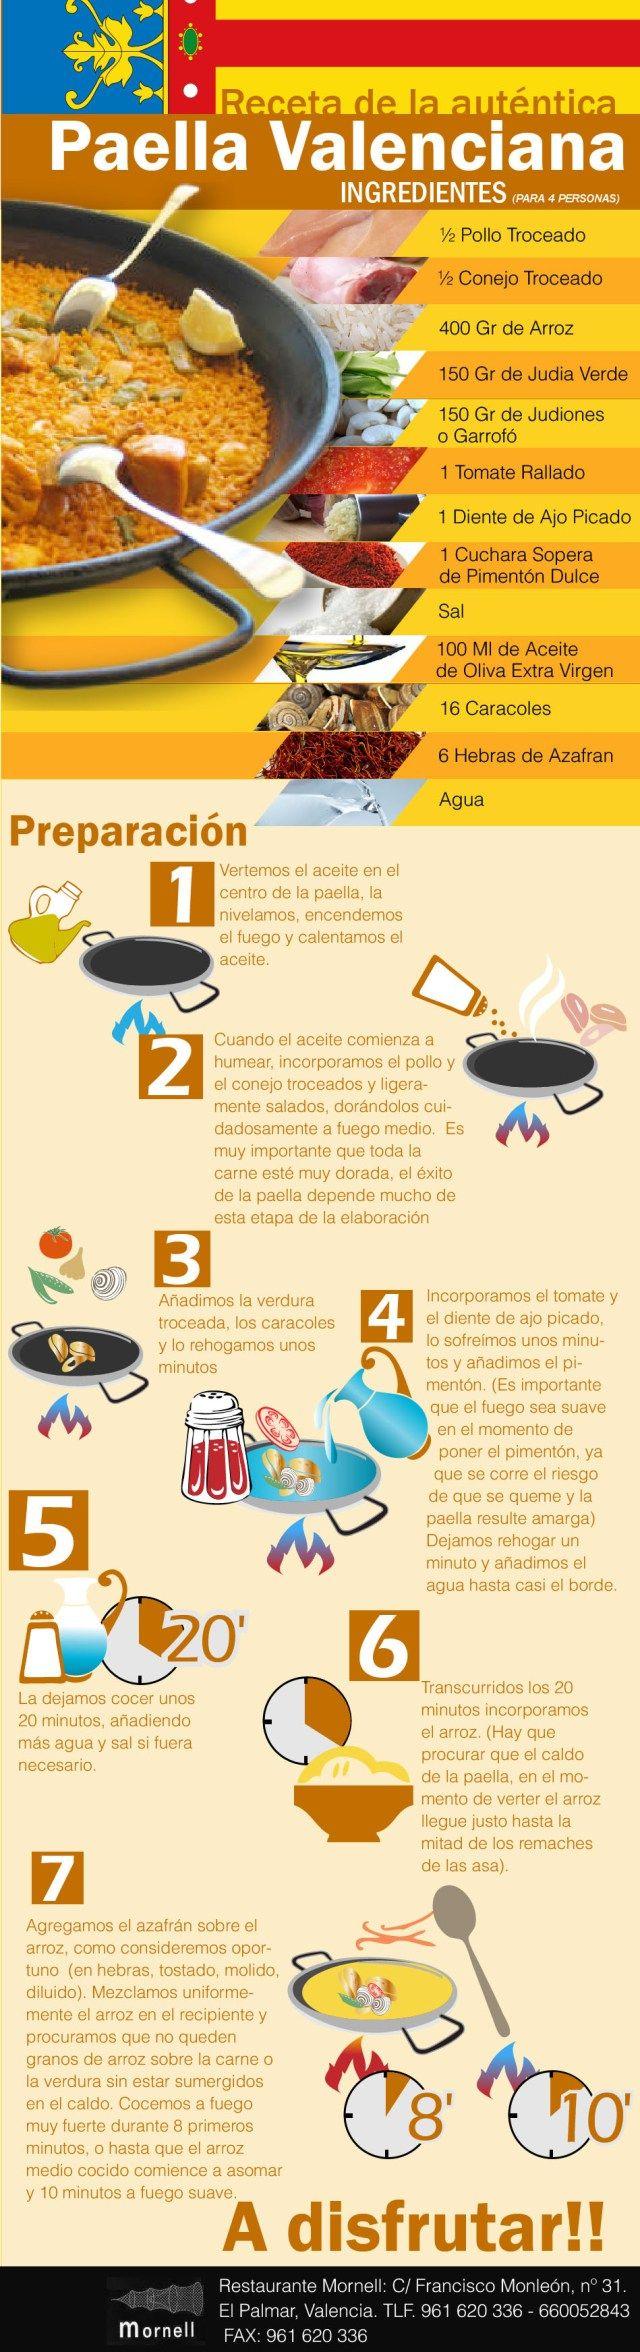 Receta de la auténtica Paella Valenciana | Desde un punto de vista tradicional la paella tiene unos ingredientes típicos y una manera de cocinarla bastante aceptada. A continuación os dejamos una infografía con los ingredientes y los pasos para elaborar la paella por excelencia, la de pollo y conejo. #Spain #Food